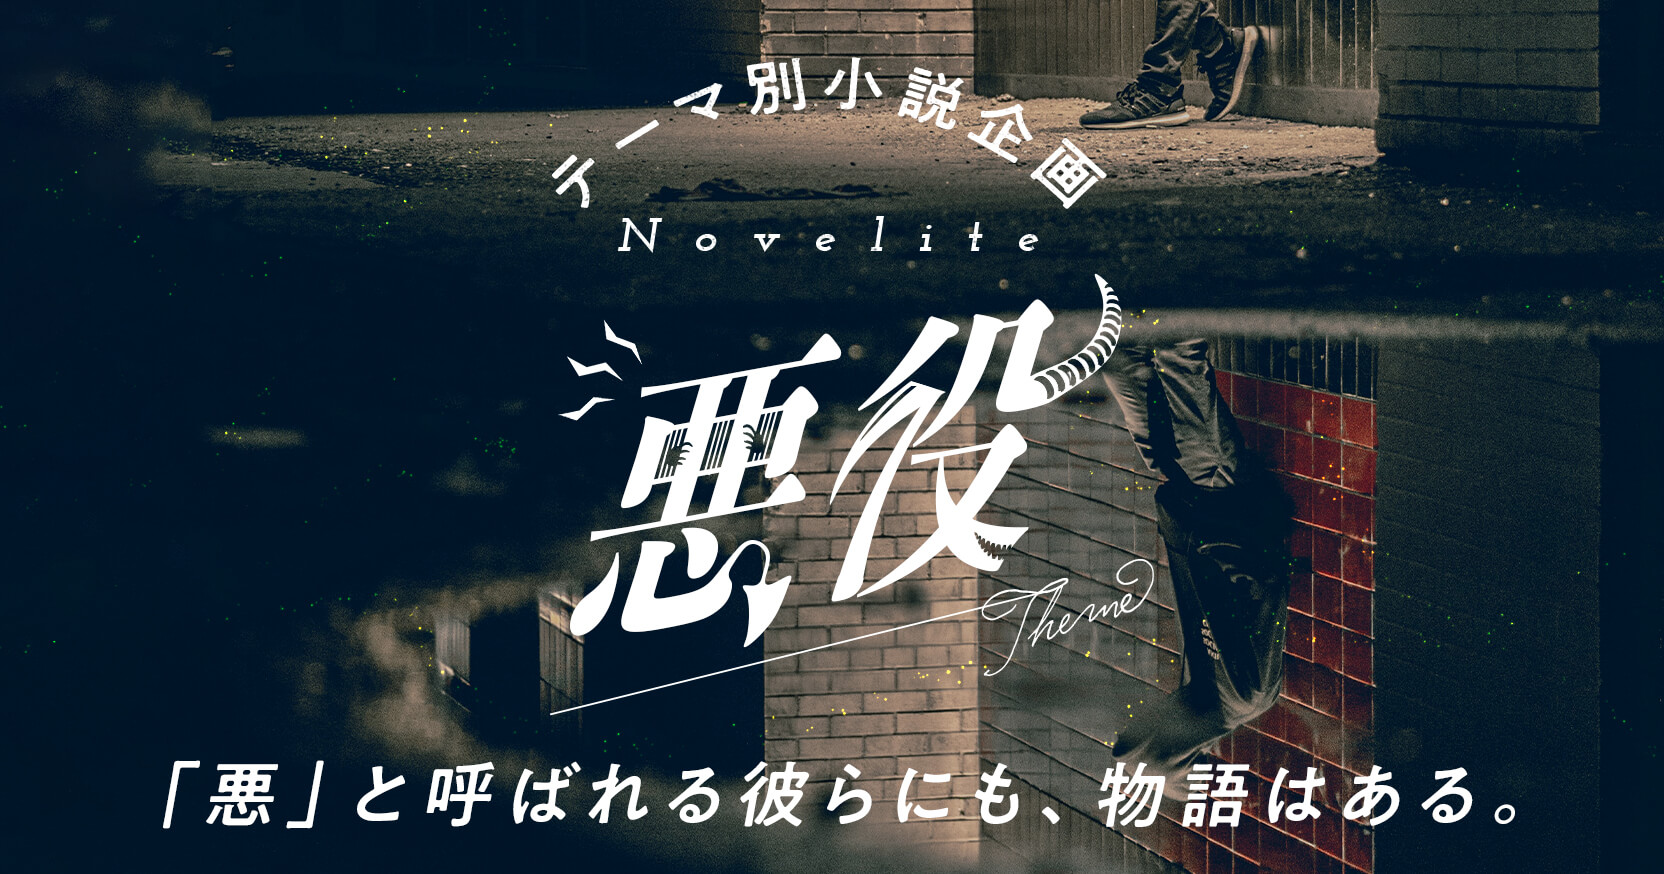 テーマ別小説企画Novelite テーマ 悪役 「悪」と呼ばれる彼らにも、物語はある。